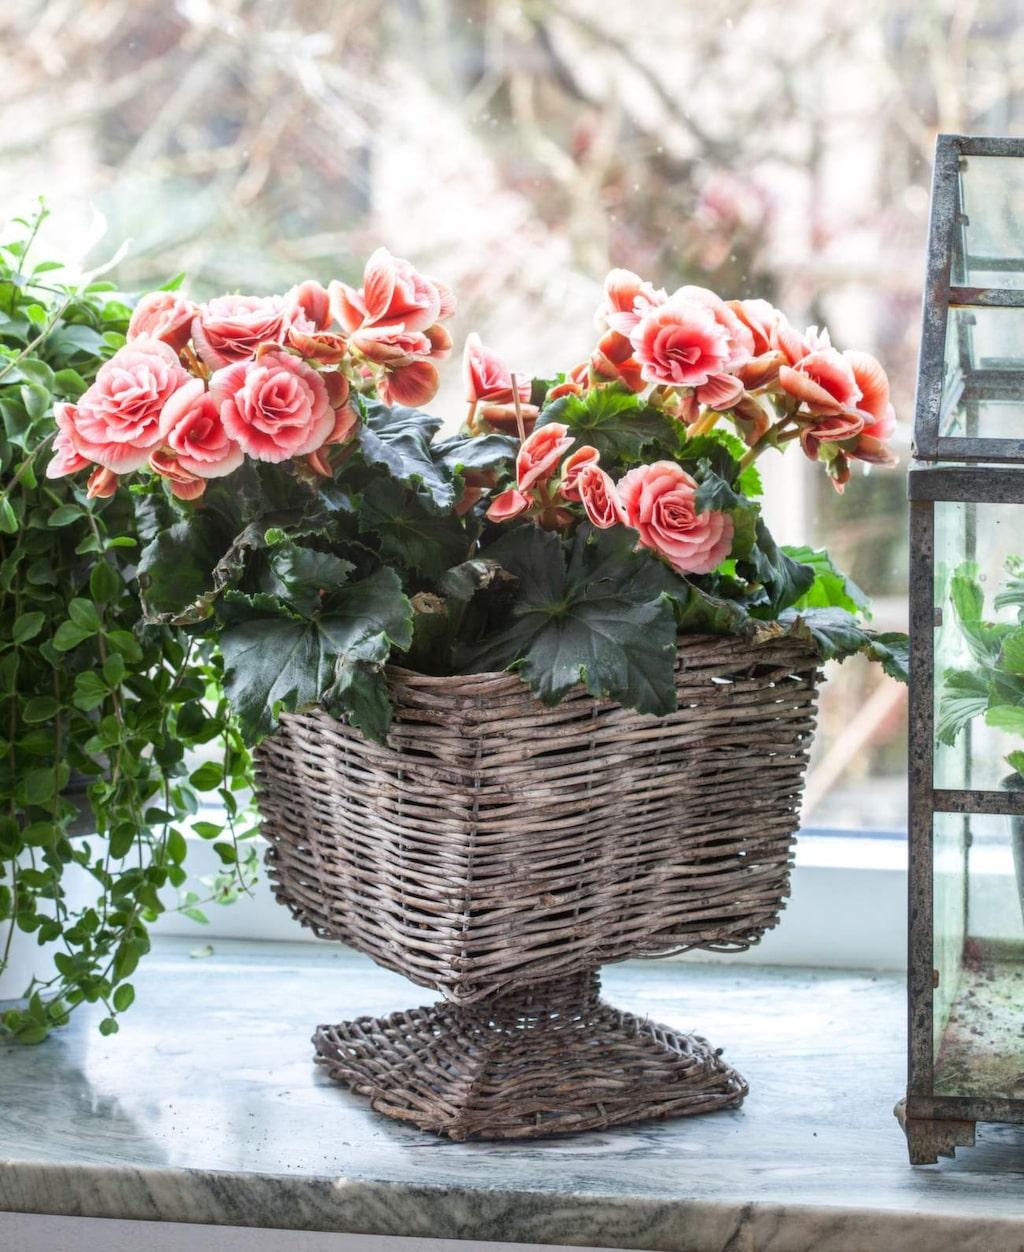 Begonia är blomman som nästan behöver torka ut innan den får vatten igen, den får aldrig stå helt blöt. Och på vintern krävs ännu mindre vatten. Tillför gärna svag näring varannan vecka under blomningen för bästa resultat.